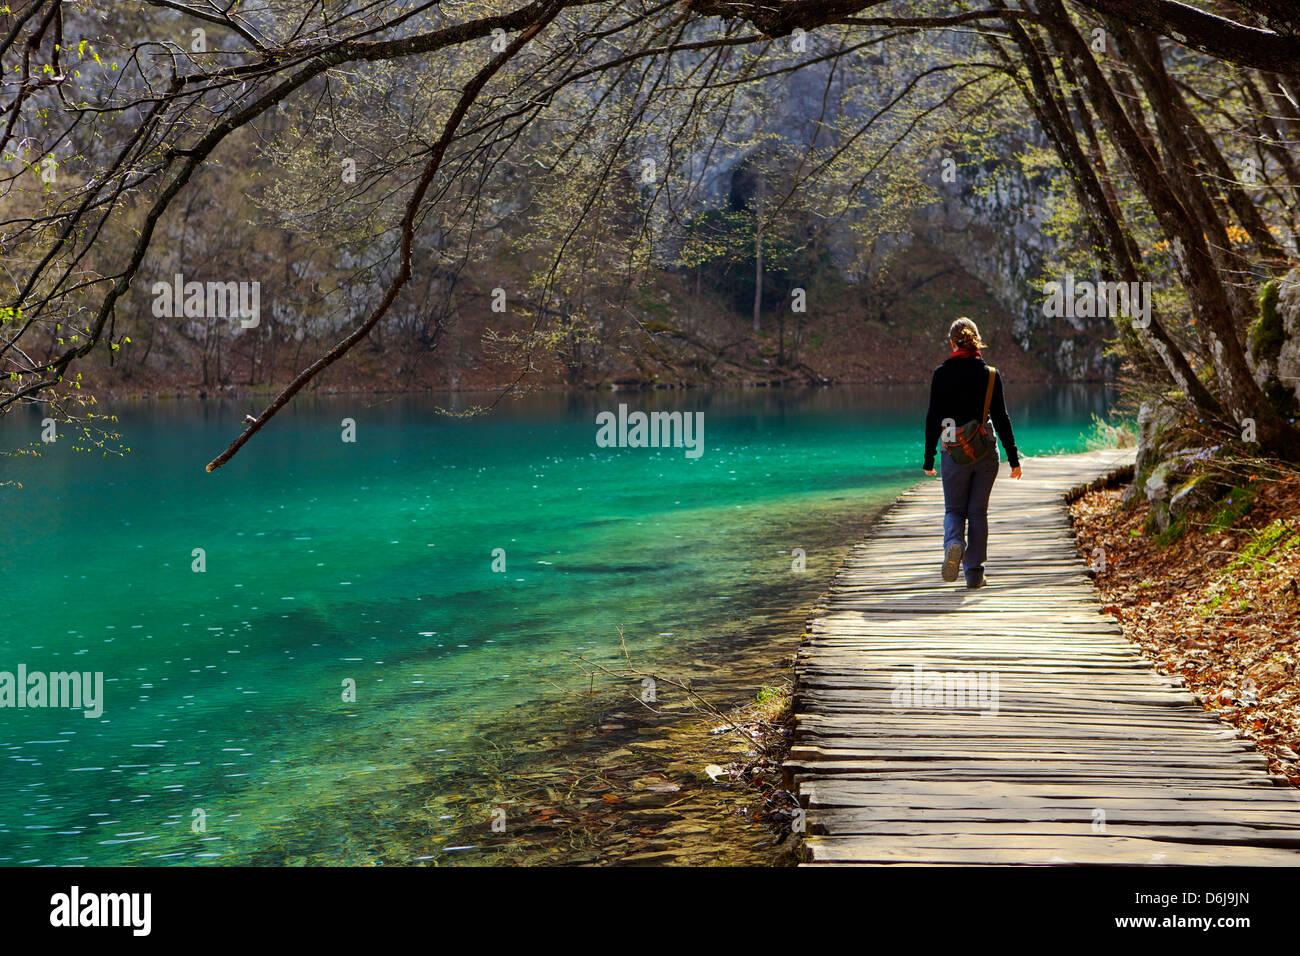 Visitatore sul marciapiede percorso su acque cristalline del Parco Nazionale dei Laghi di Plitvice, patrimonio mondiale Immagini Stock